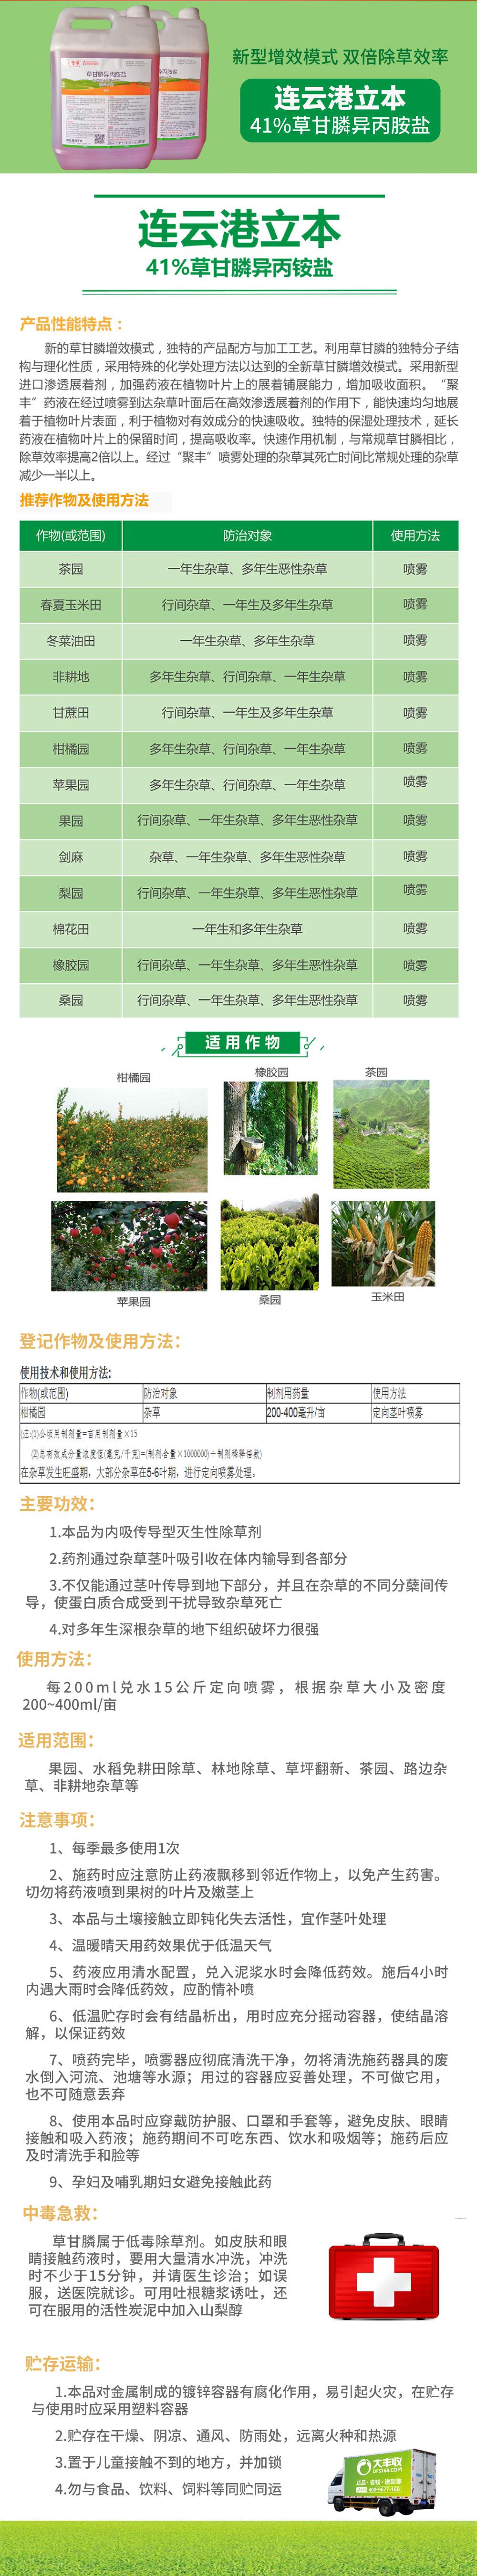 连云港立本-41%草甘膦异丙铵盐5公斤修改版.jpg